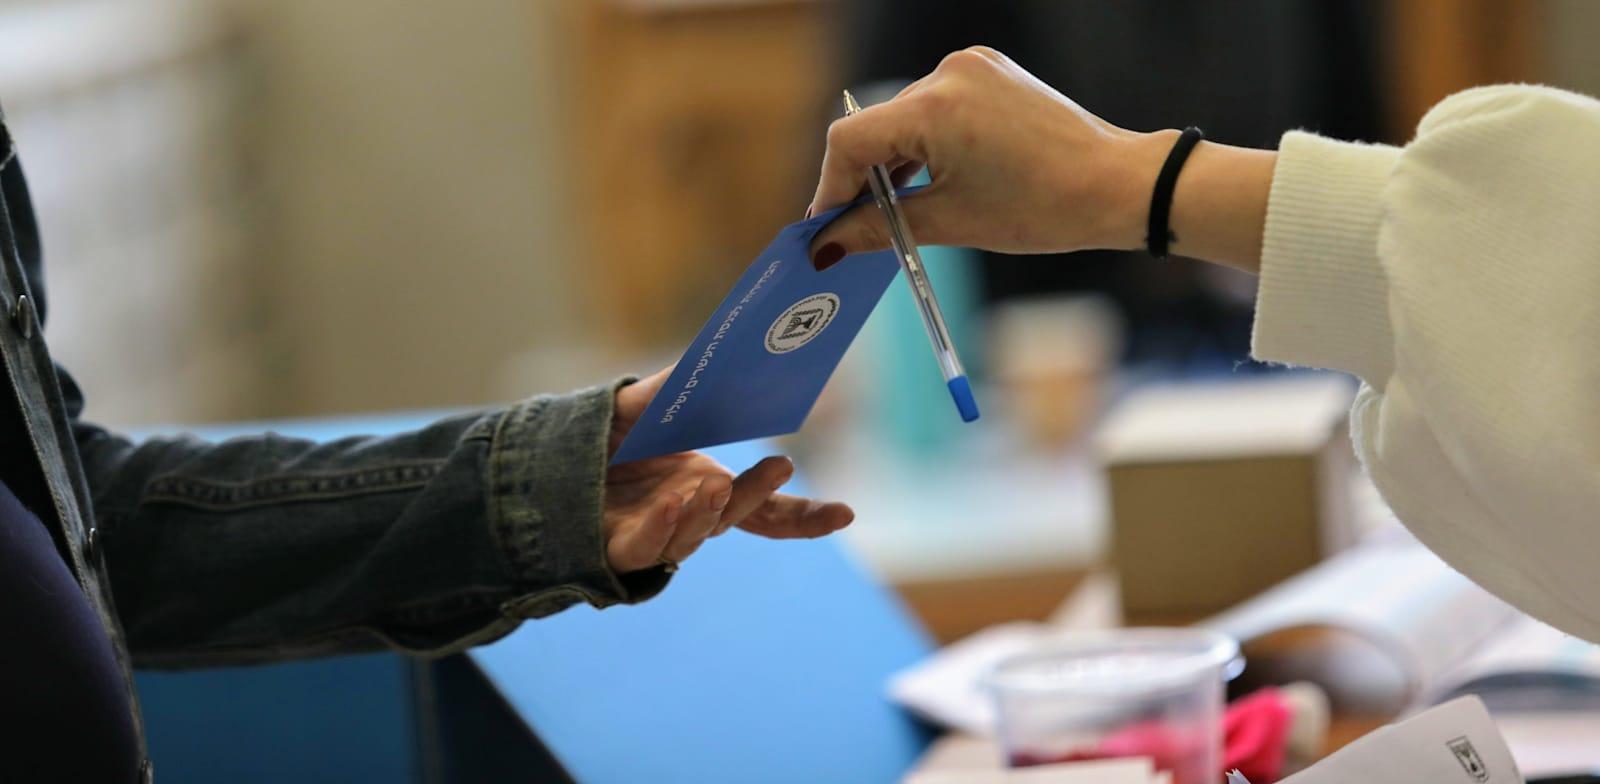 מצביעים בבחירות בסבב השלישי במרץ 2020 / צילום: שלומי יוסף